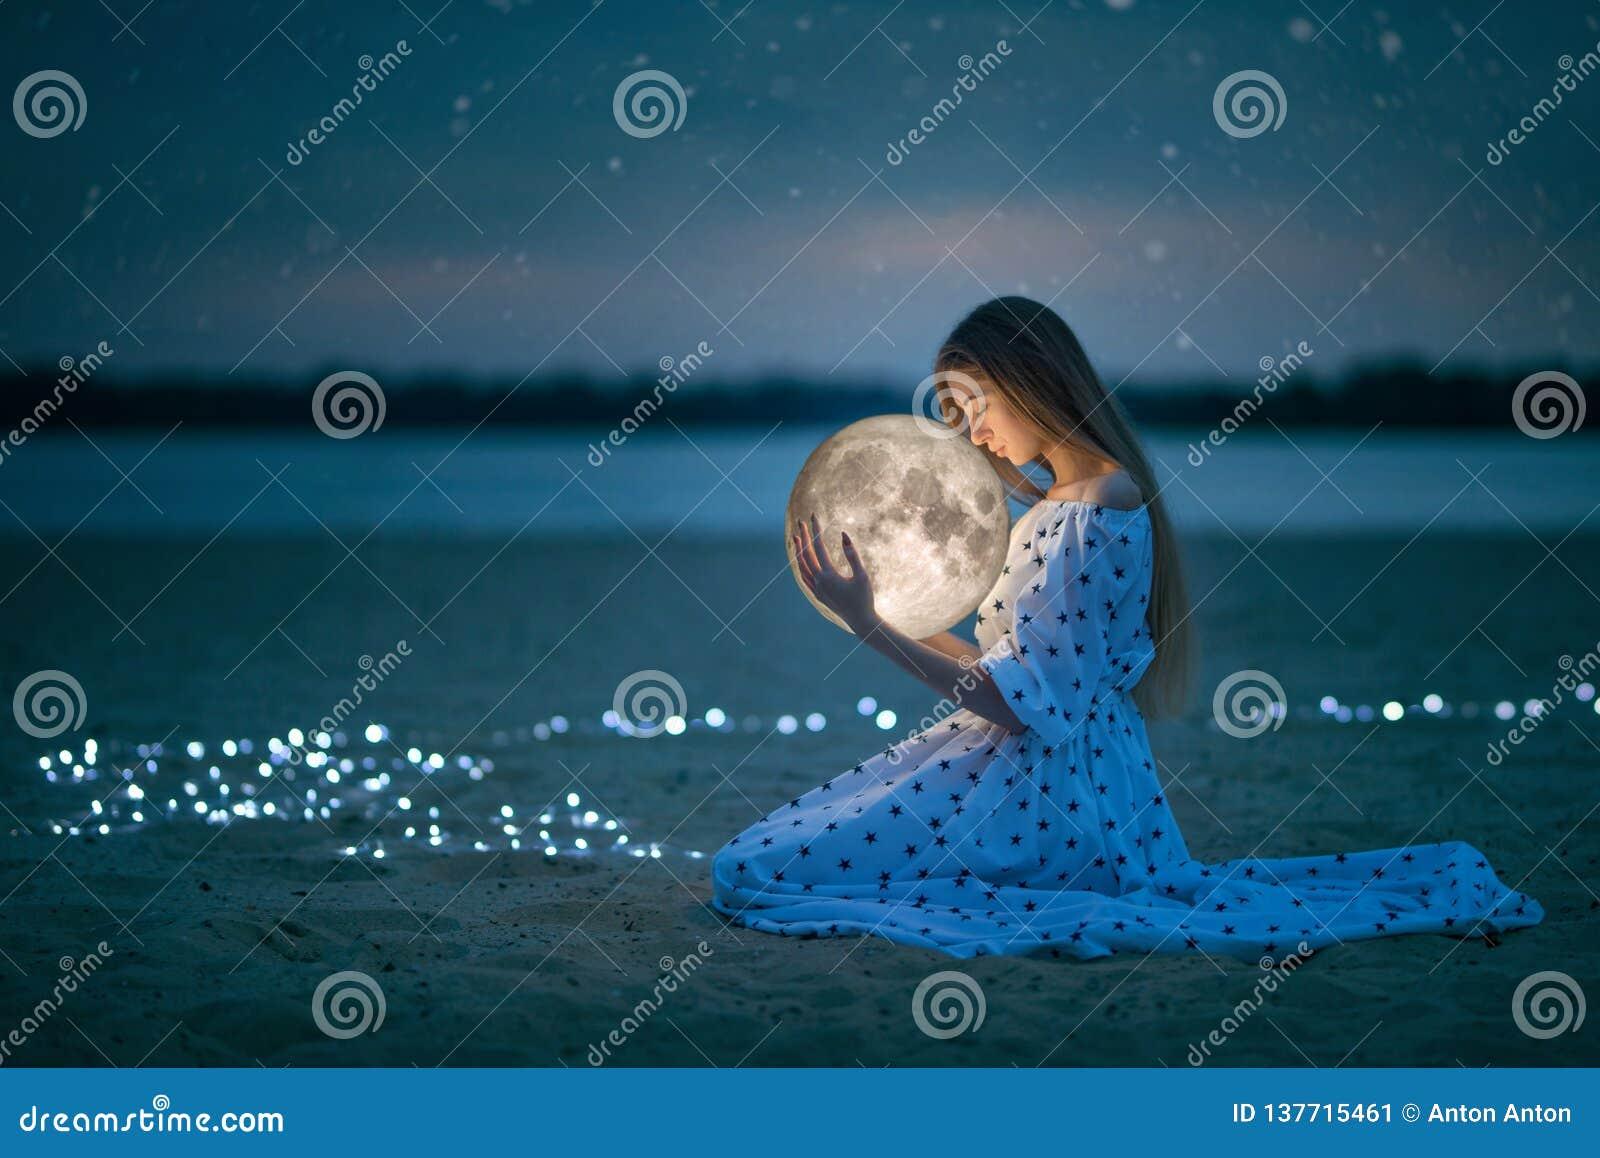 Schönes attraktives Mädchen auf einem Nachtstrand mit Sand und Sternen umarmt den Mond, künstlerische Fotografie